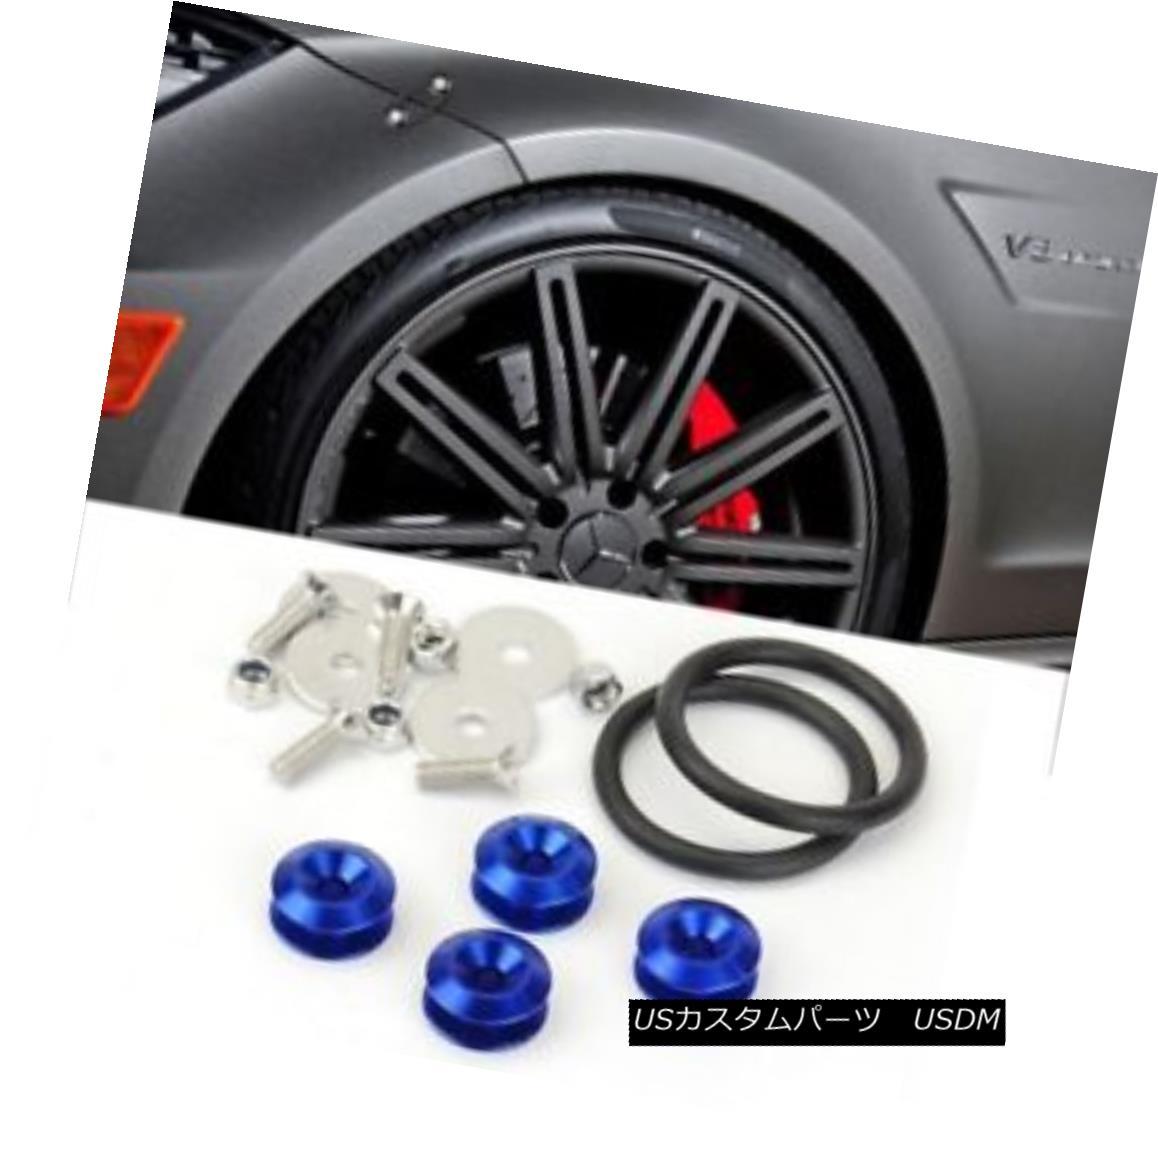 エアロパーツ Blue Bolt on Fast Quick Release Secure Kit For Honda Front Rear Bumper Lip ホンダフロントリヤバンパーリップのための高速クイックリリースの安全なキットのブルーボルト